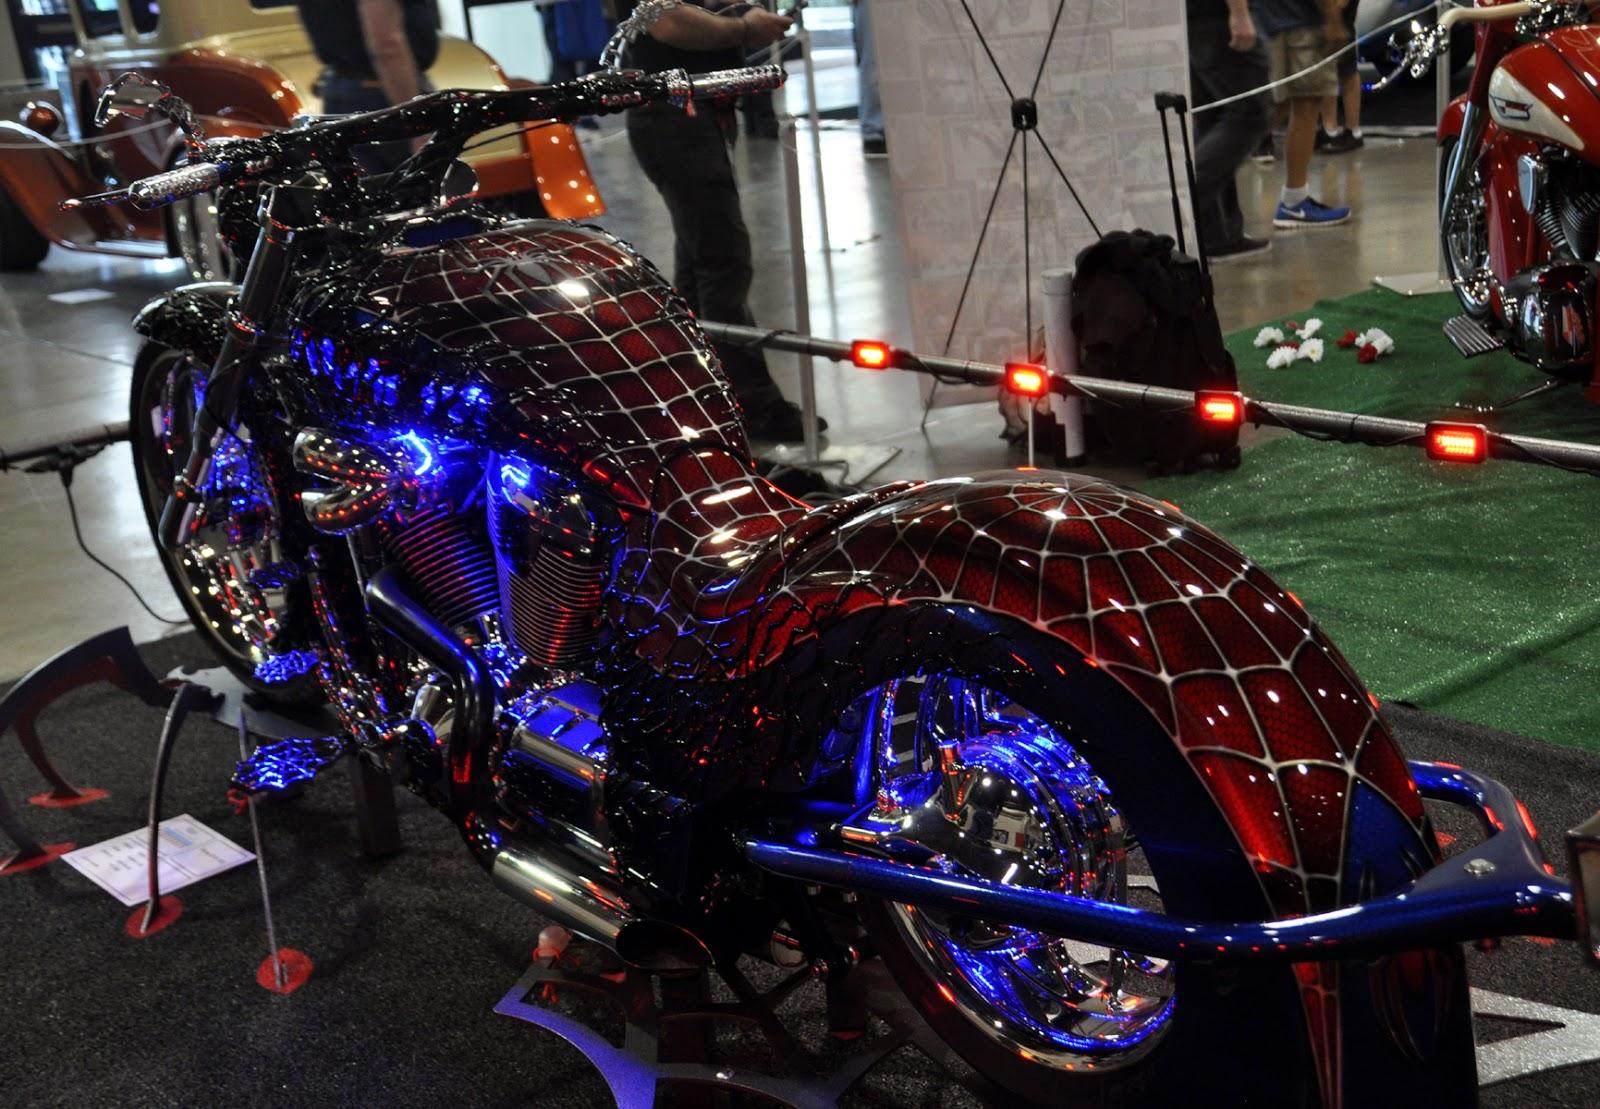 Jin botol the spider man bike - Spider man moto ...